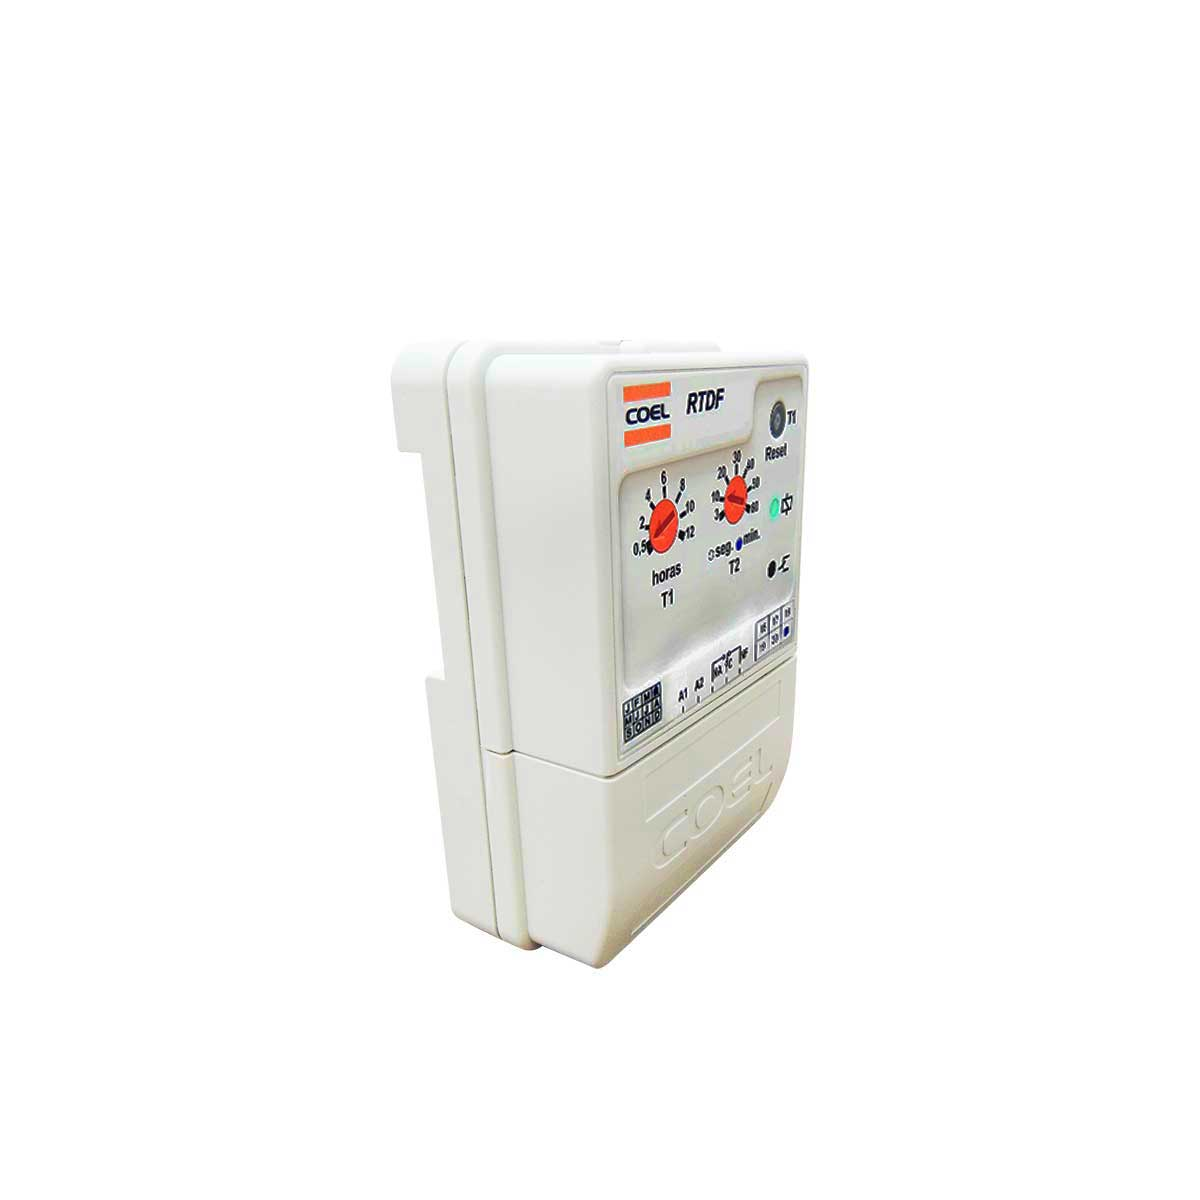 Controlador Temporizador Rele para Desgelo cíclico RTDF Coel 12H 60min 94 A 242VCA